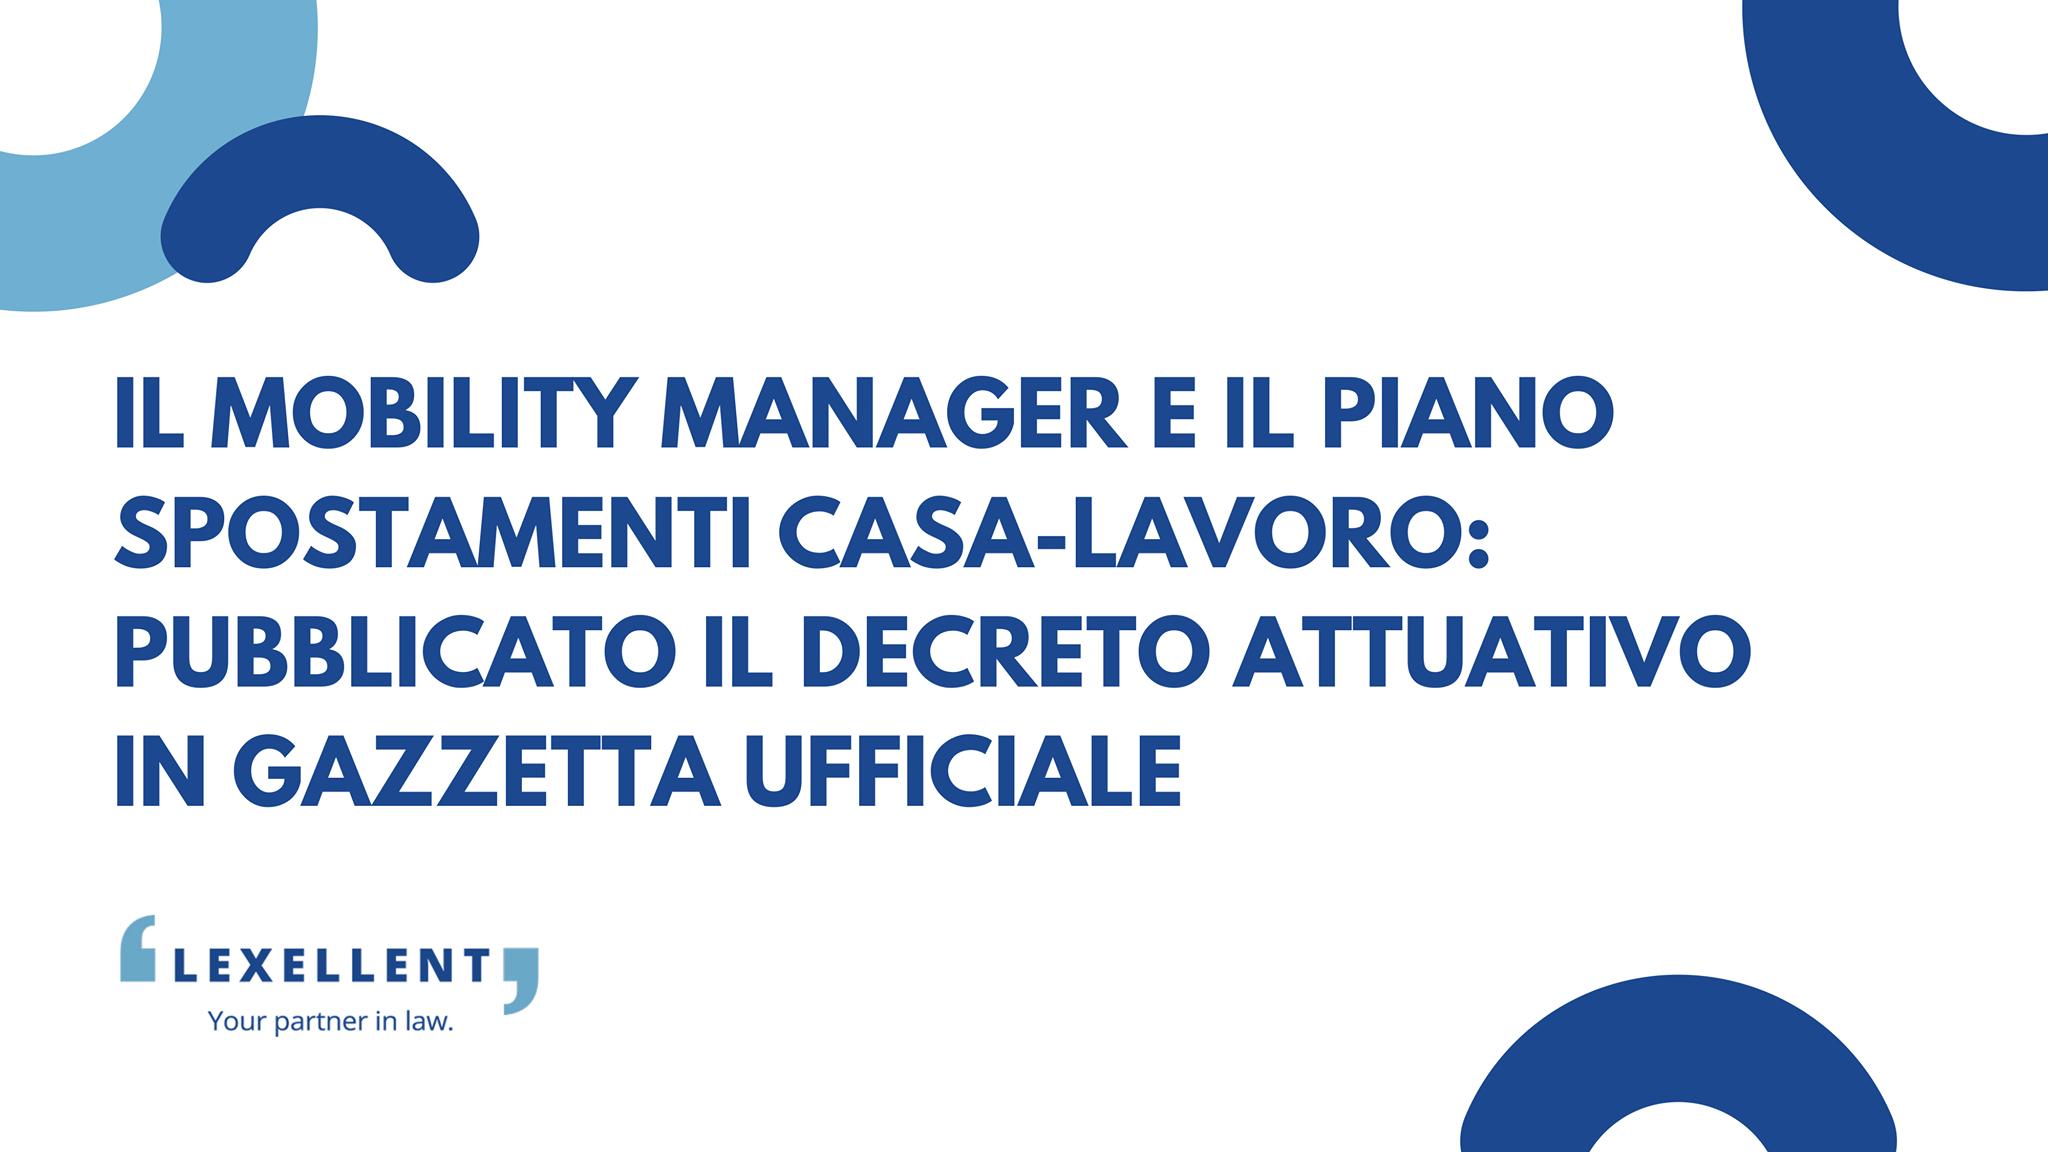 Il mobility manager e il piano spostamenti casa-lavoro: pubblicato il decreto attuativo in Gazzetta Ufficiale